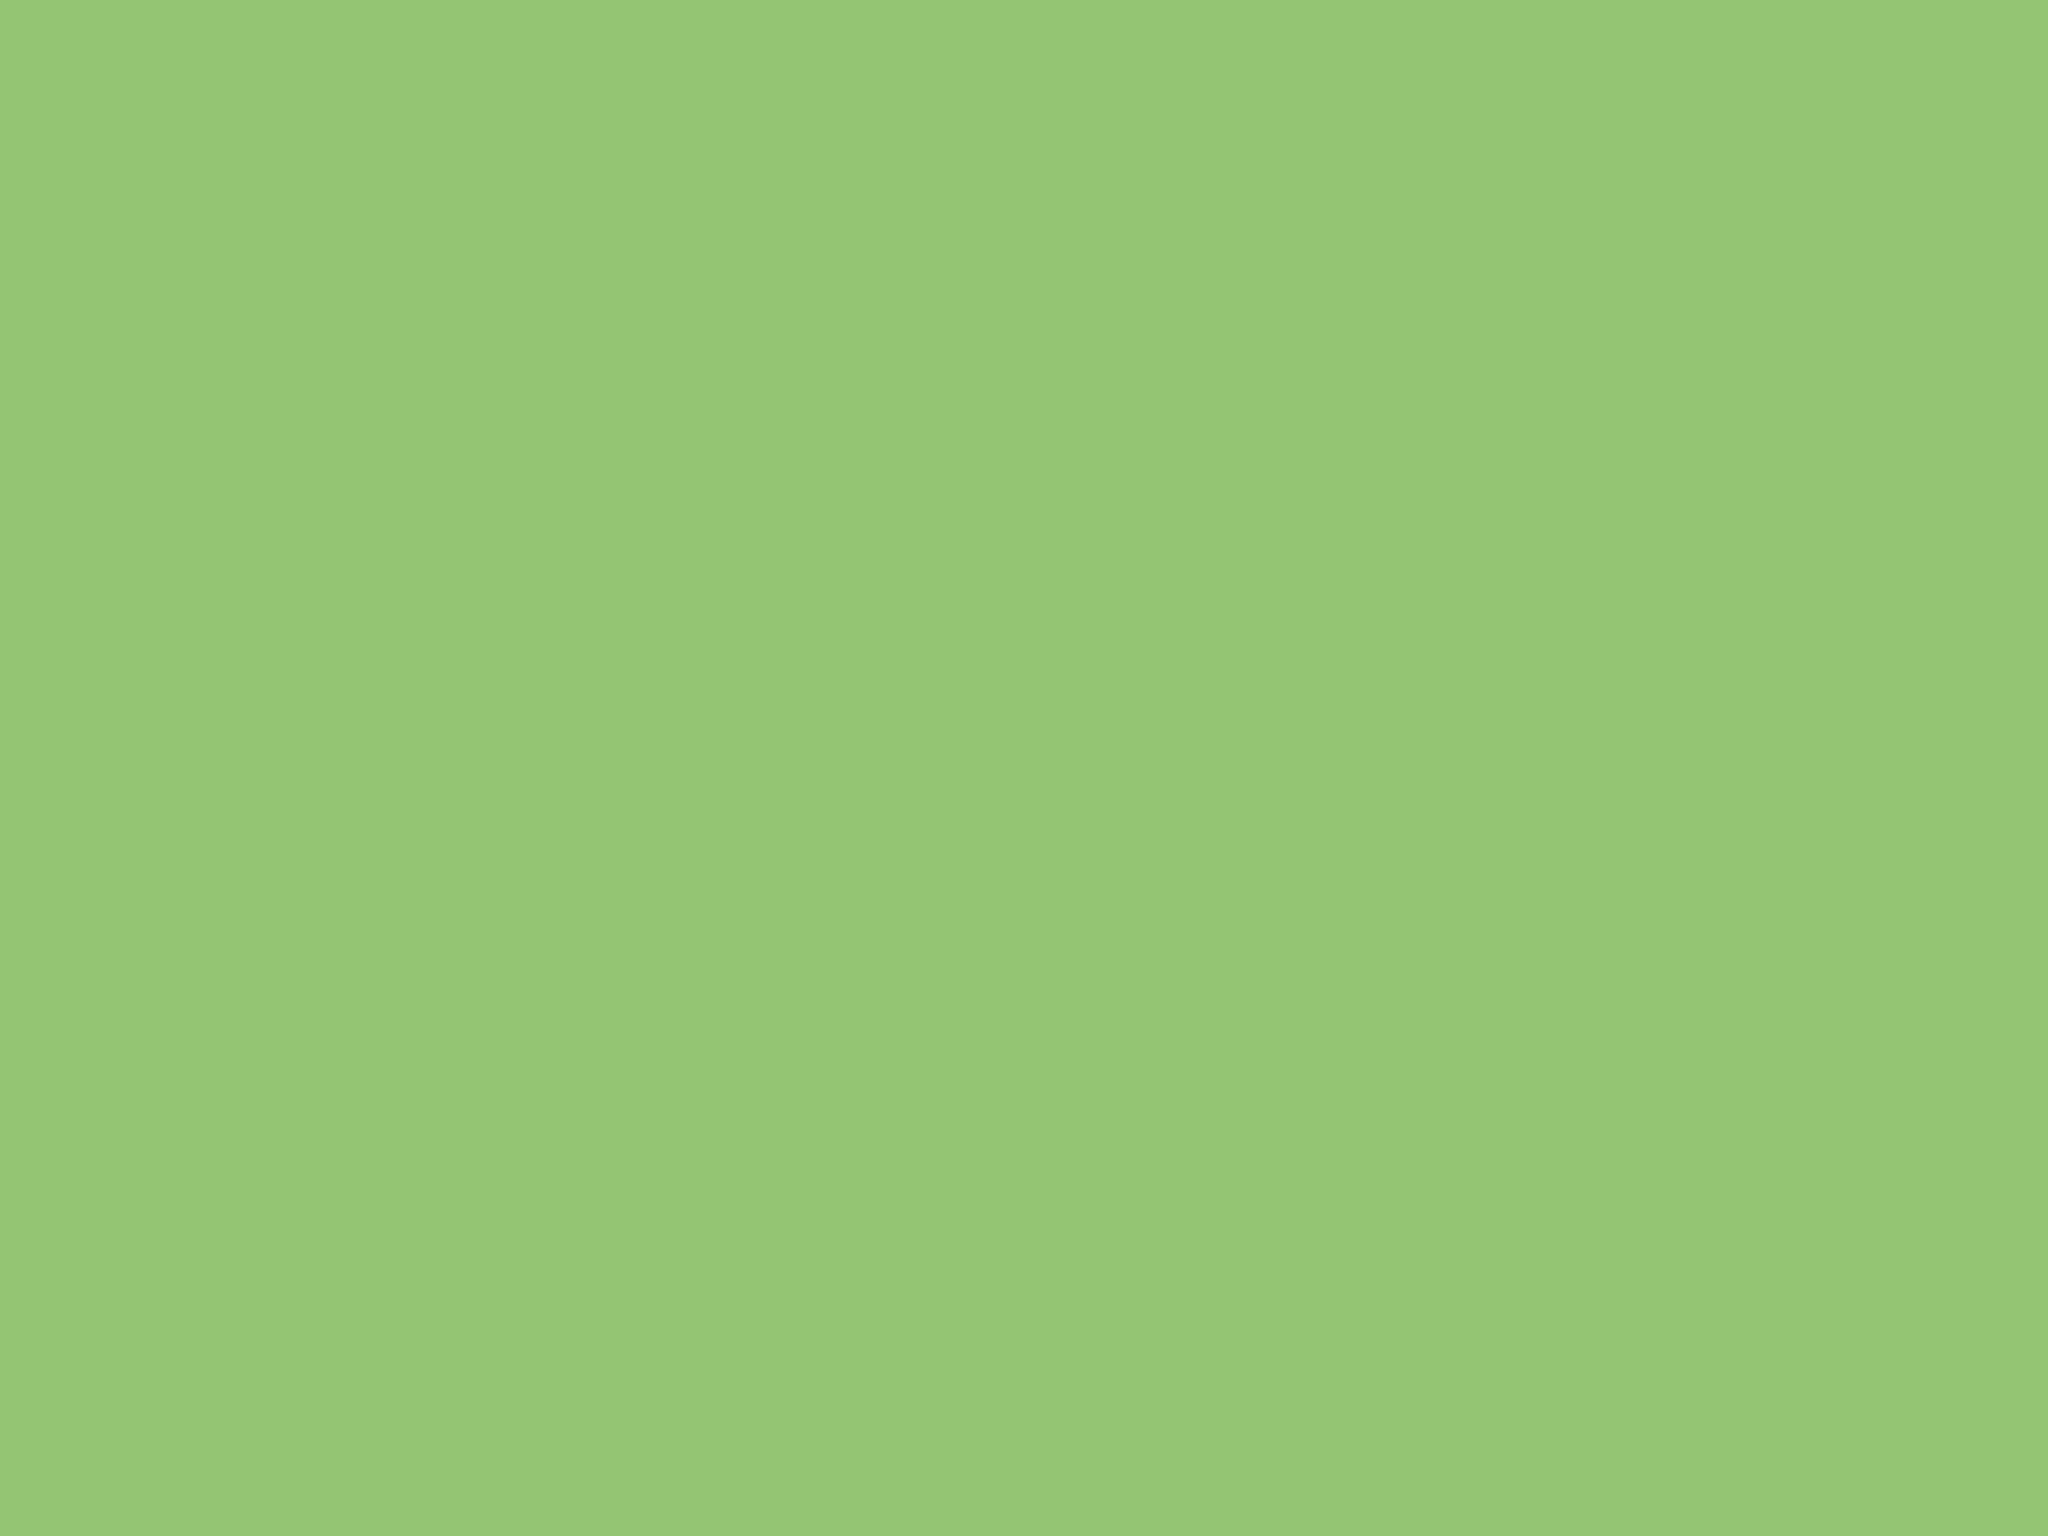 2048x1536 Pistachio Solid Color Background